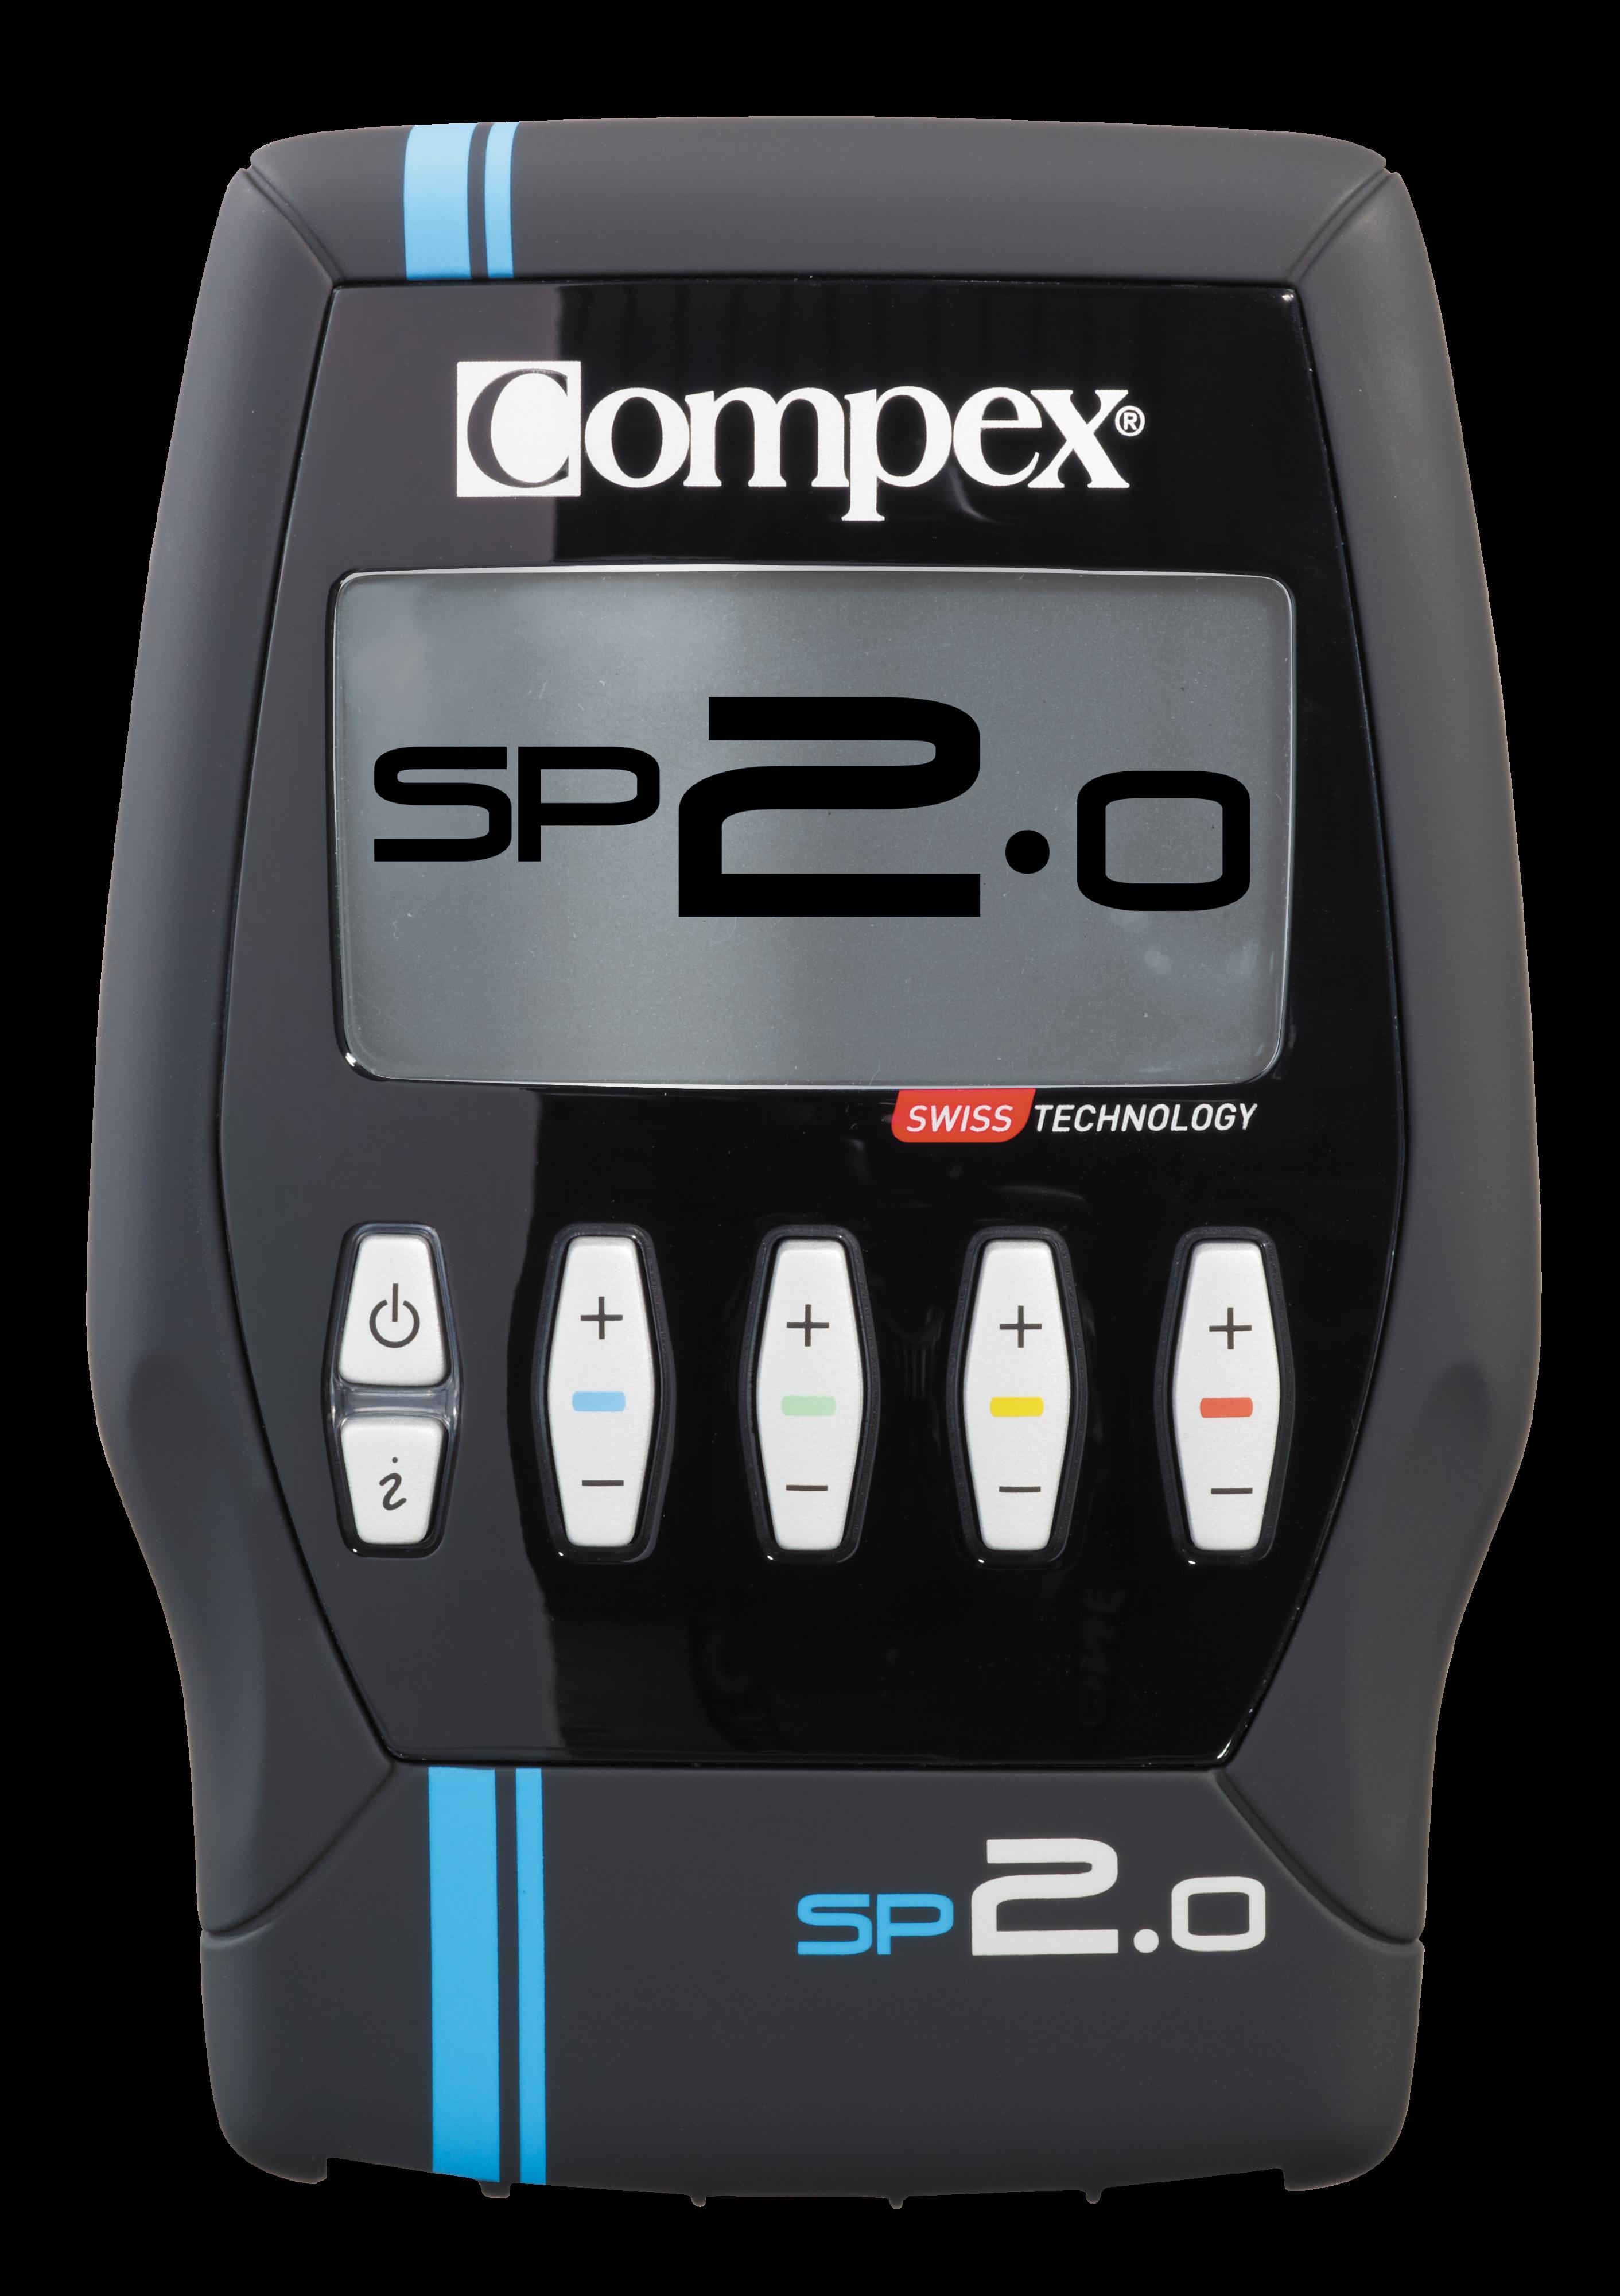 compex-sp-2